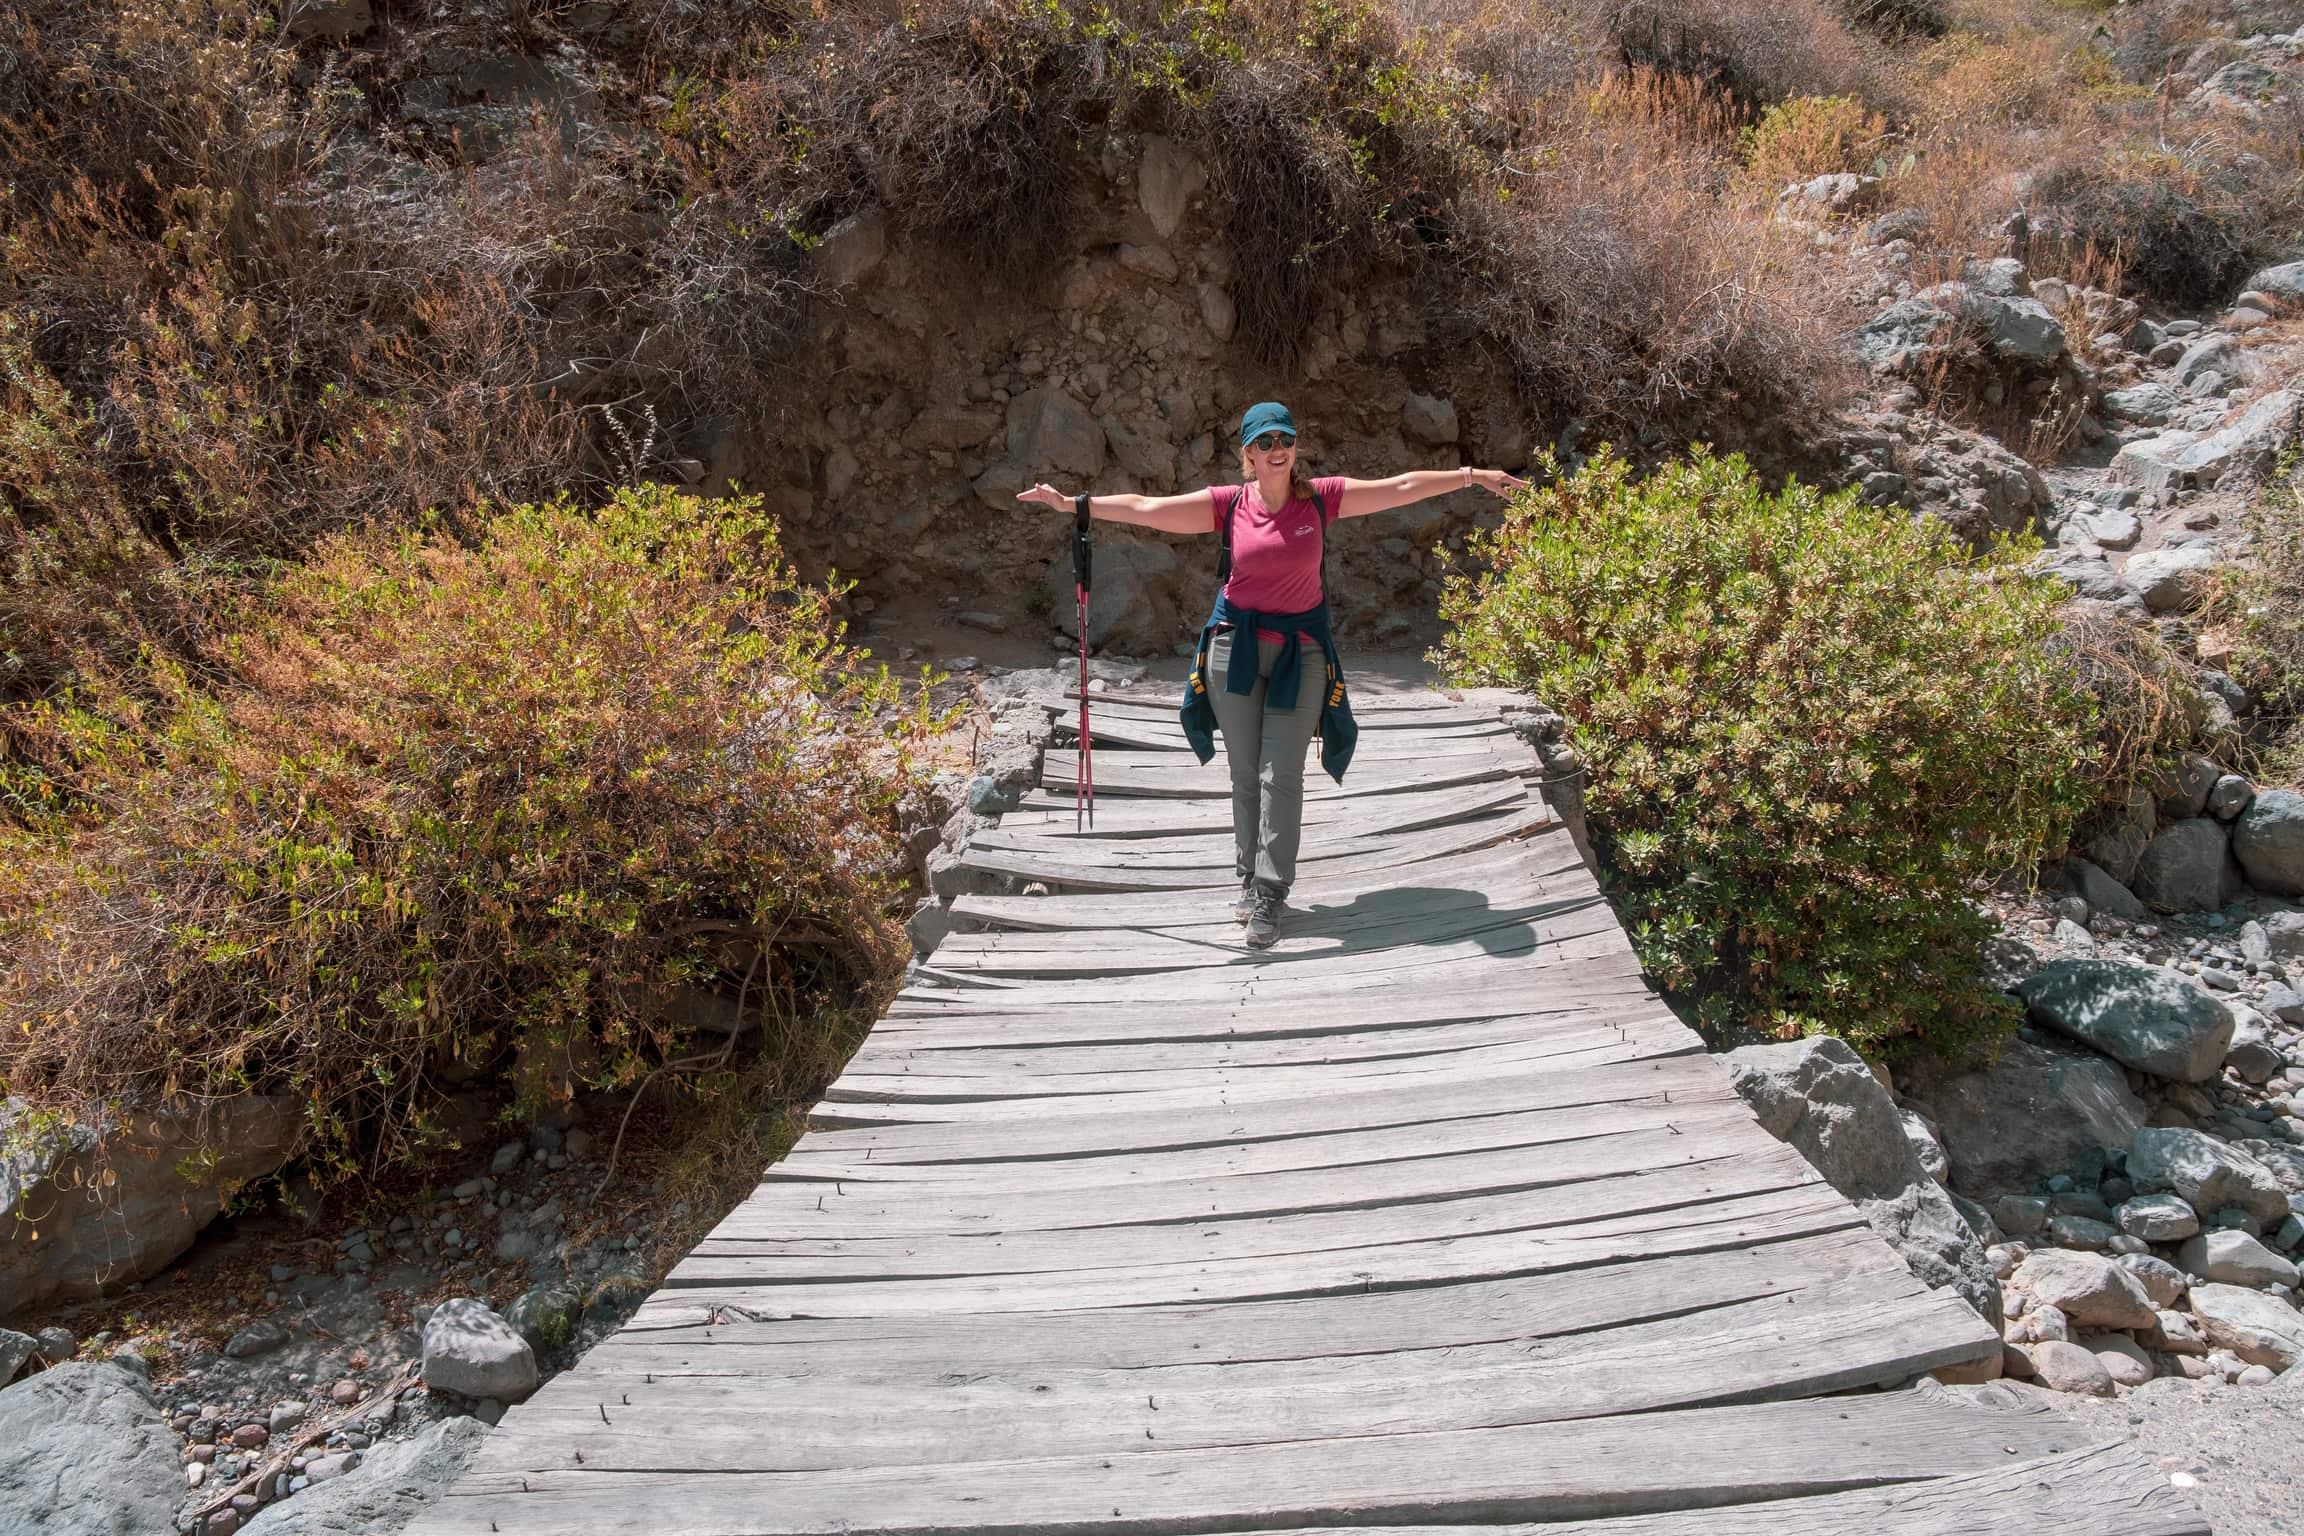 Comment Fabriquer Un Petit Pont En Bois trek de 3 jours dans le canyon de colca - gotripics